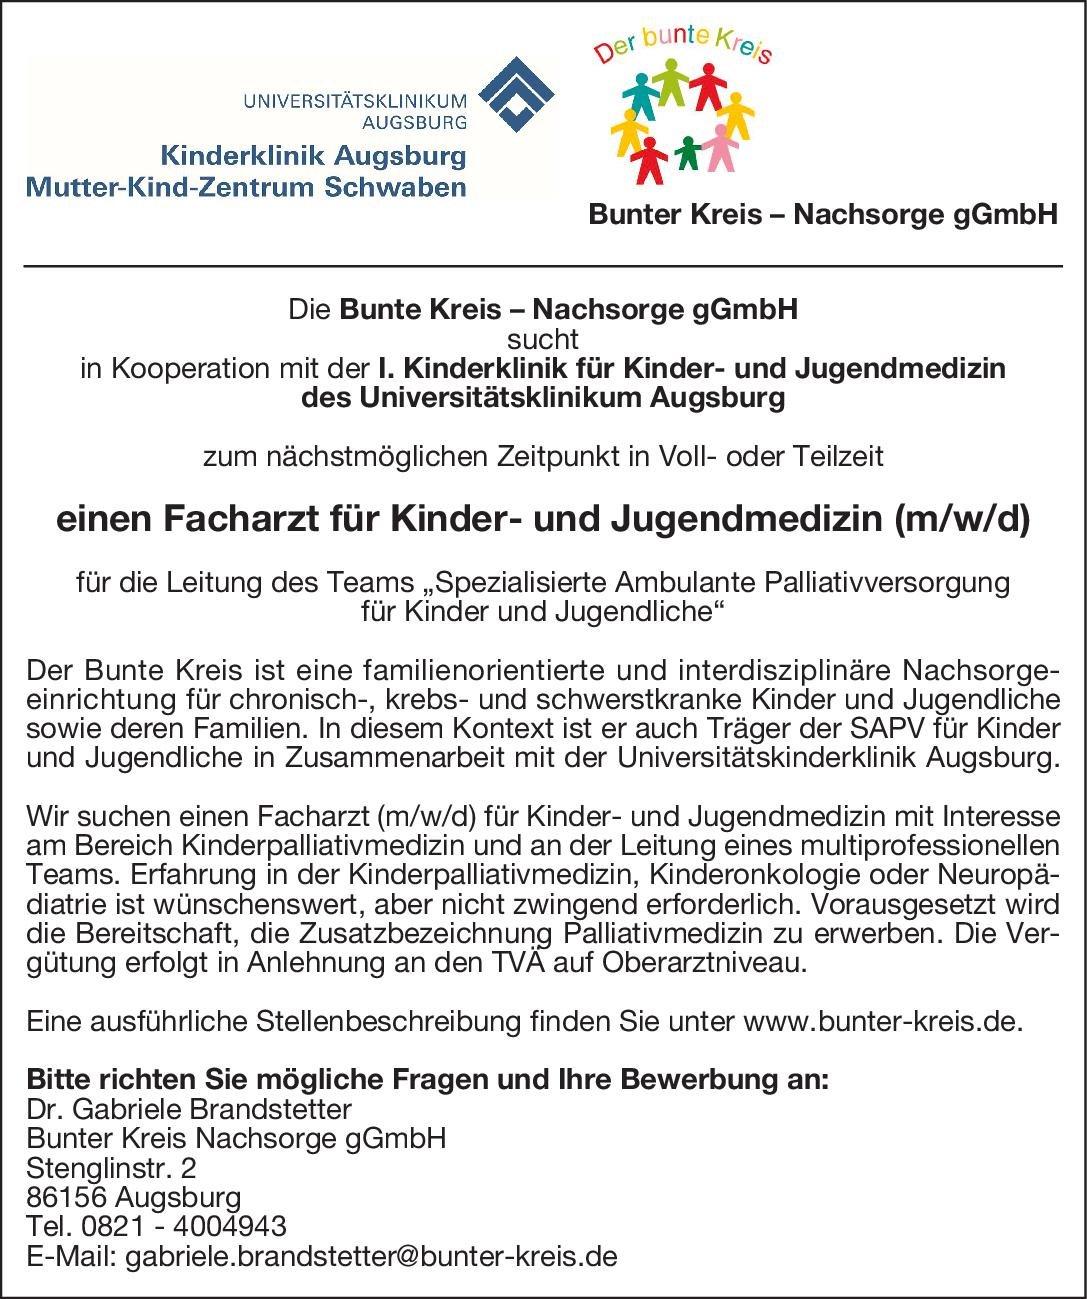 Bunter Kreis Nachsorge gGmbH Facharzt für Kinder- und Jugendmedizin (m/w/d)  Kinder- und Jugendmedizin, Kinder- und Jugendmedizin Arzt / Facharzt